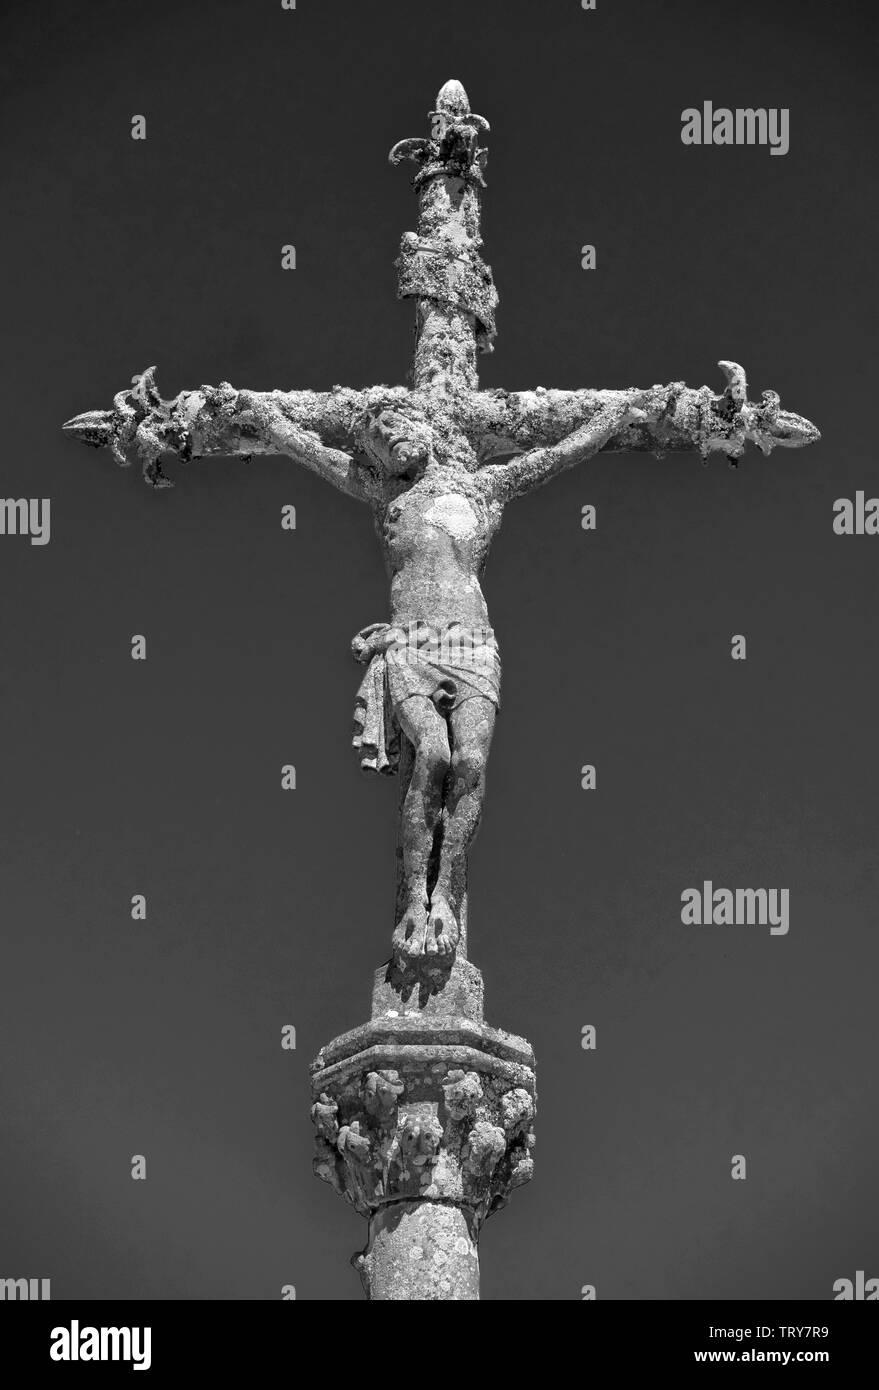 Schwarzweiß-Bild von einem Stein Statue von Christus am Kreuz auf einem Friedhof in La Feuillée, Bretagne, Frankreich. Stockfoto